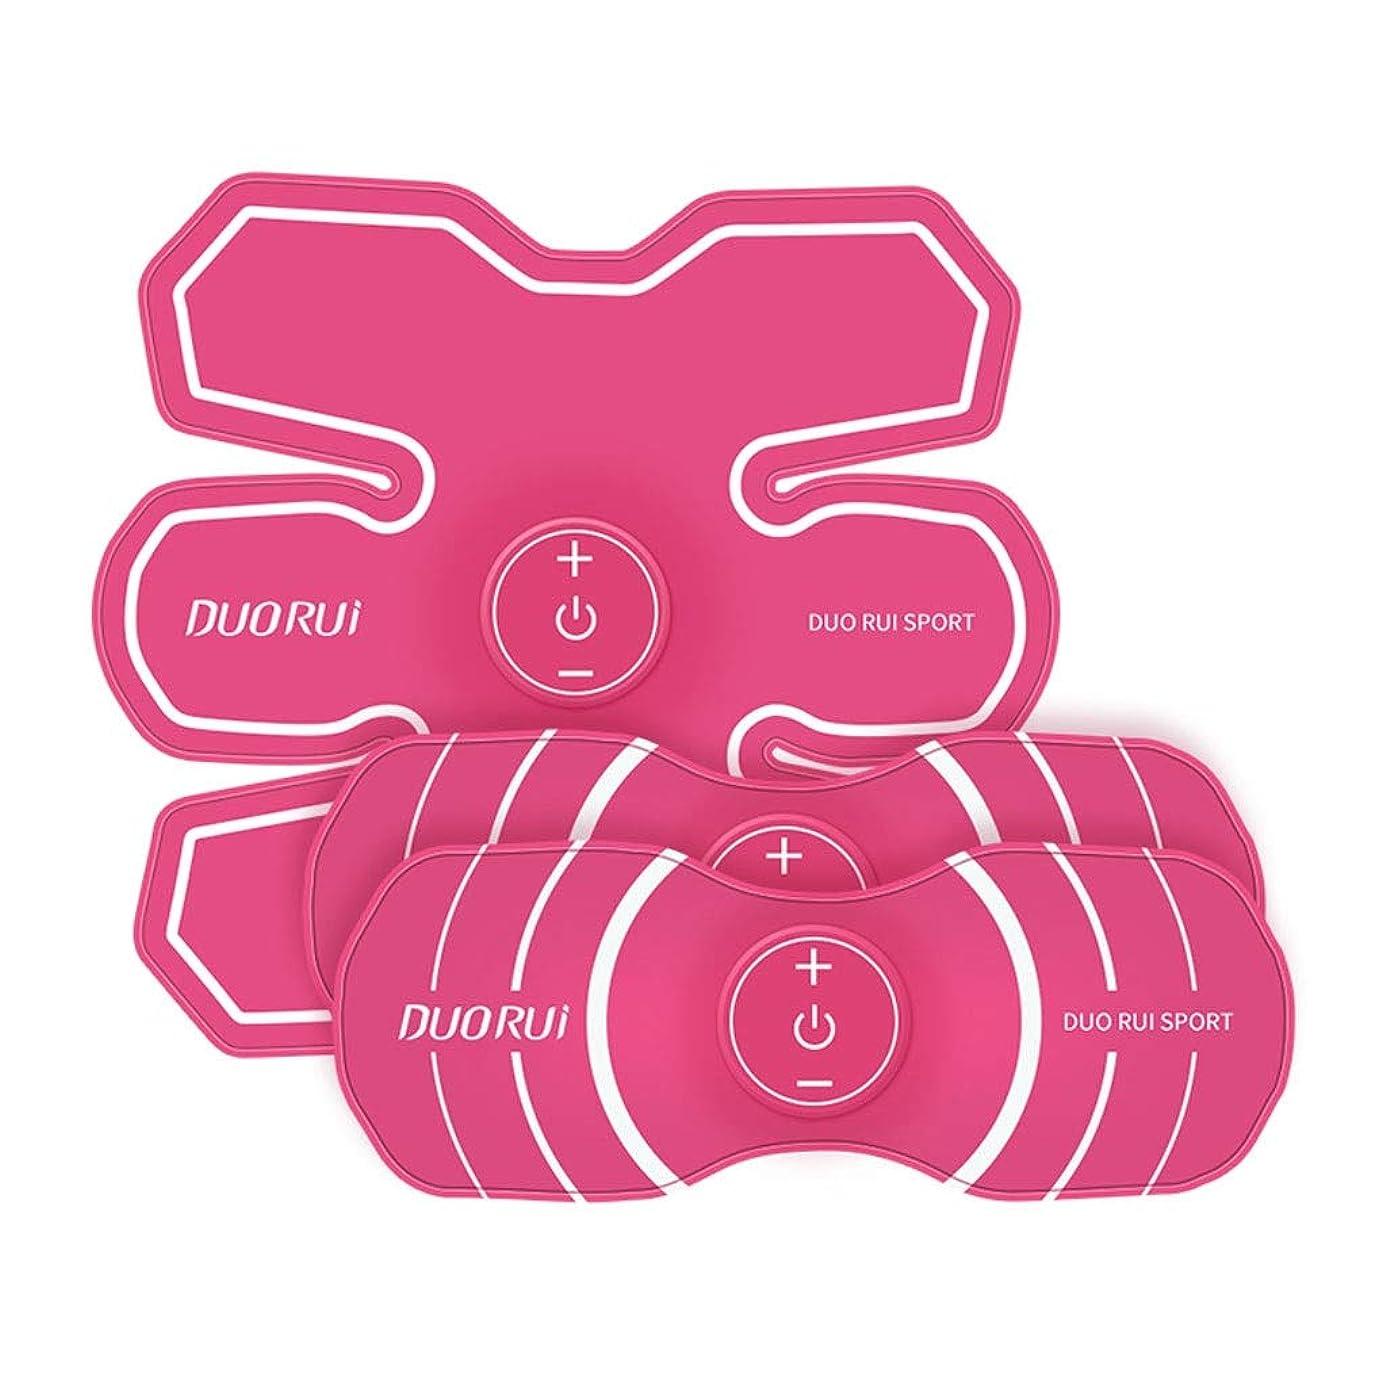 義務づける感謝するできないEMSバウムスケルトレーナー、エレクトリックマスケルスティミュレーション、EMSトレーニングMuskelaufbauとFettverbrennungn Massage-ger?t、Elektrostimulation Home Fitness Machine (Color : Pink, Size : A)